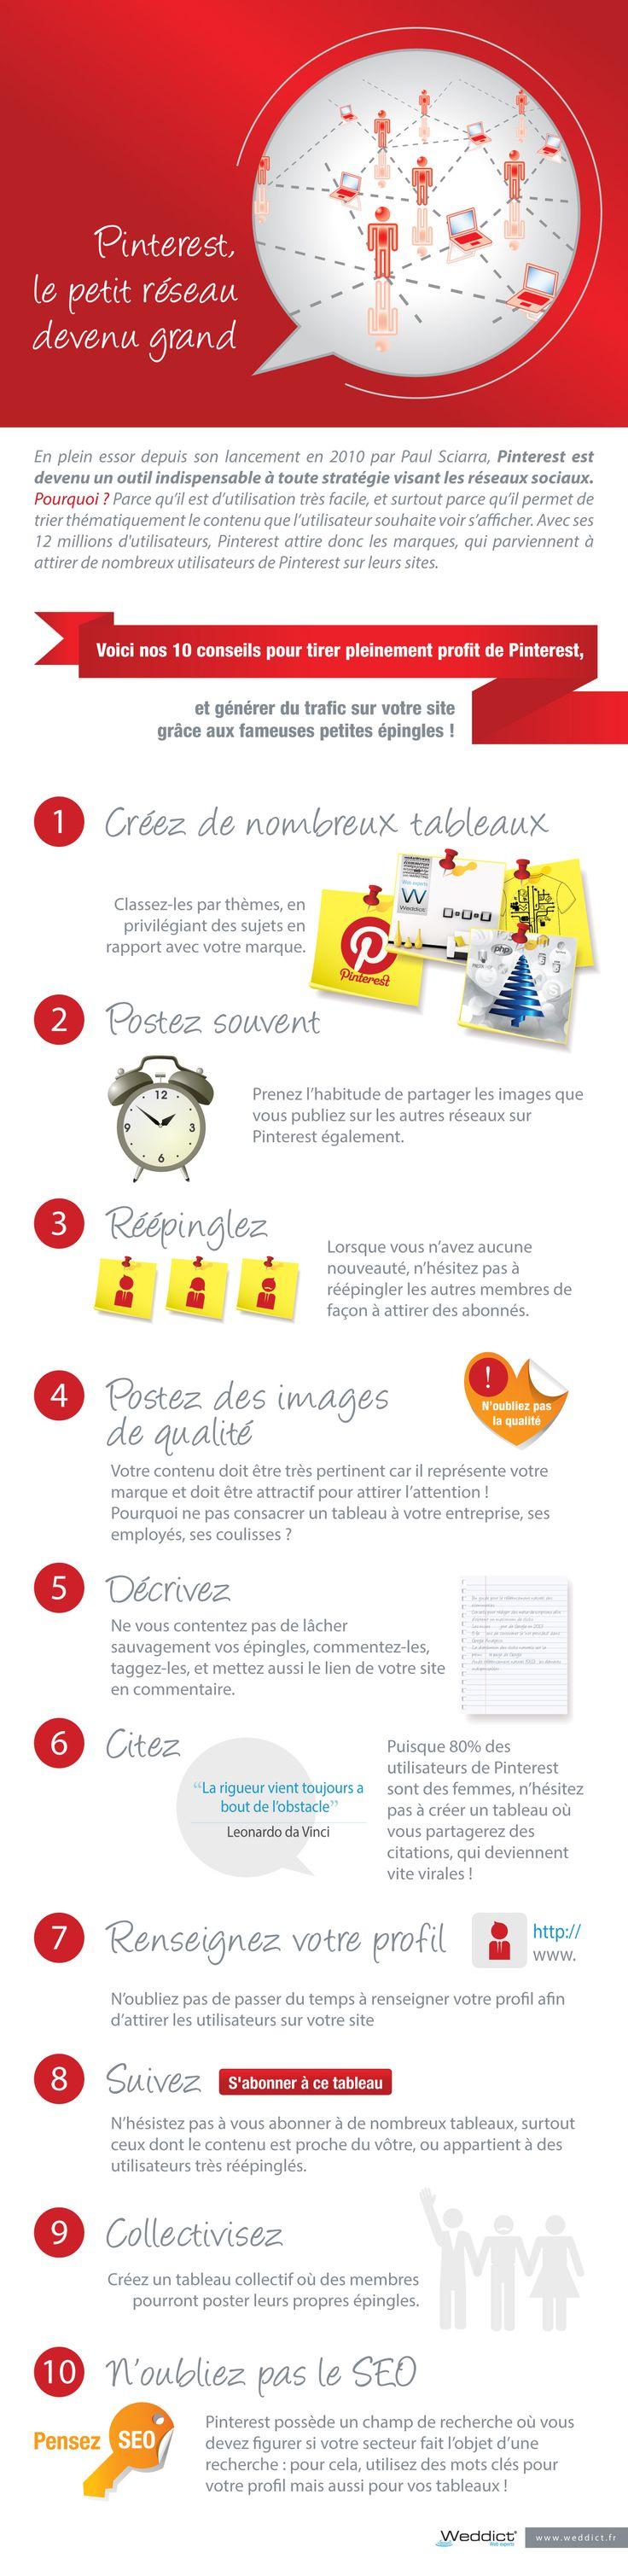 Pinterest comment ça marche, infographie Weddict http://www.weddict.fr/blog/reseaux-sociaux/116-pinterest-comment-ca-marche#.U4tZTZQgD9I